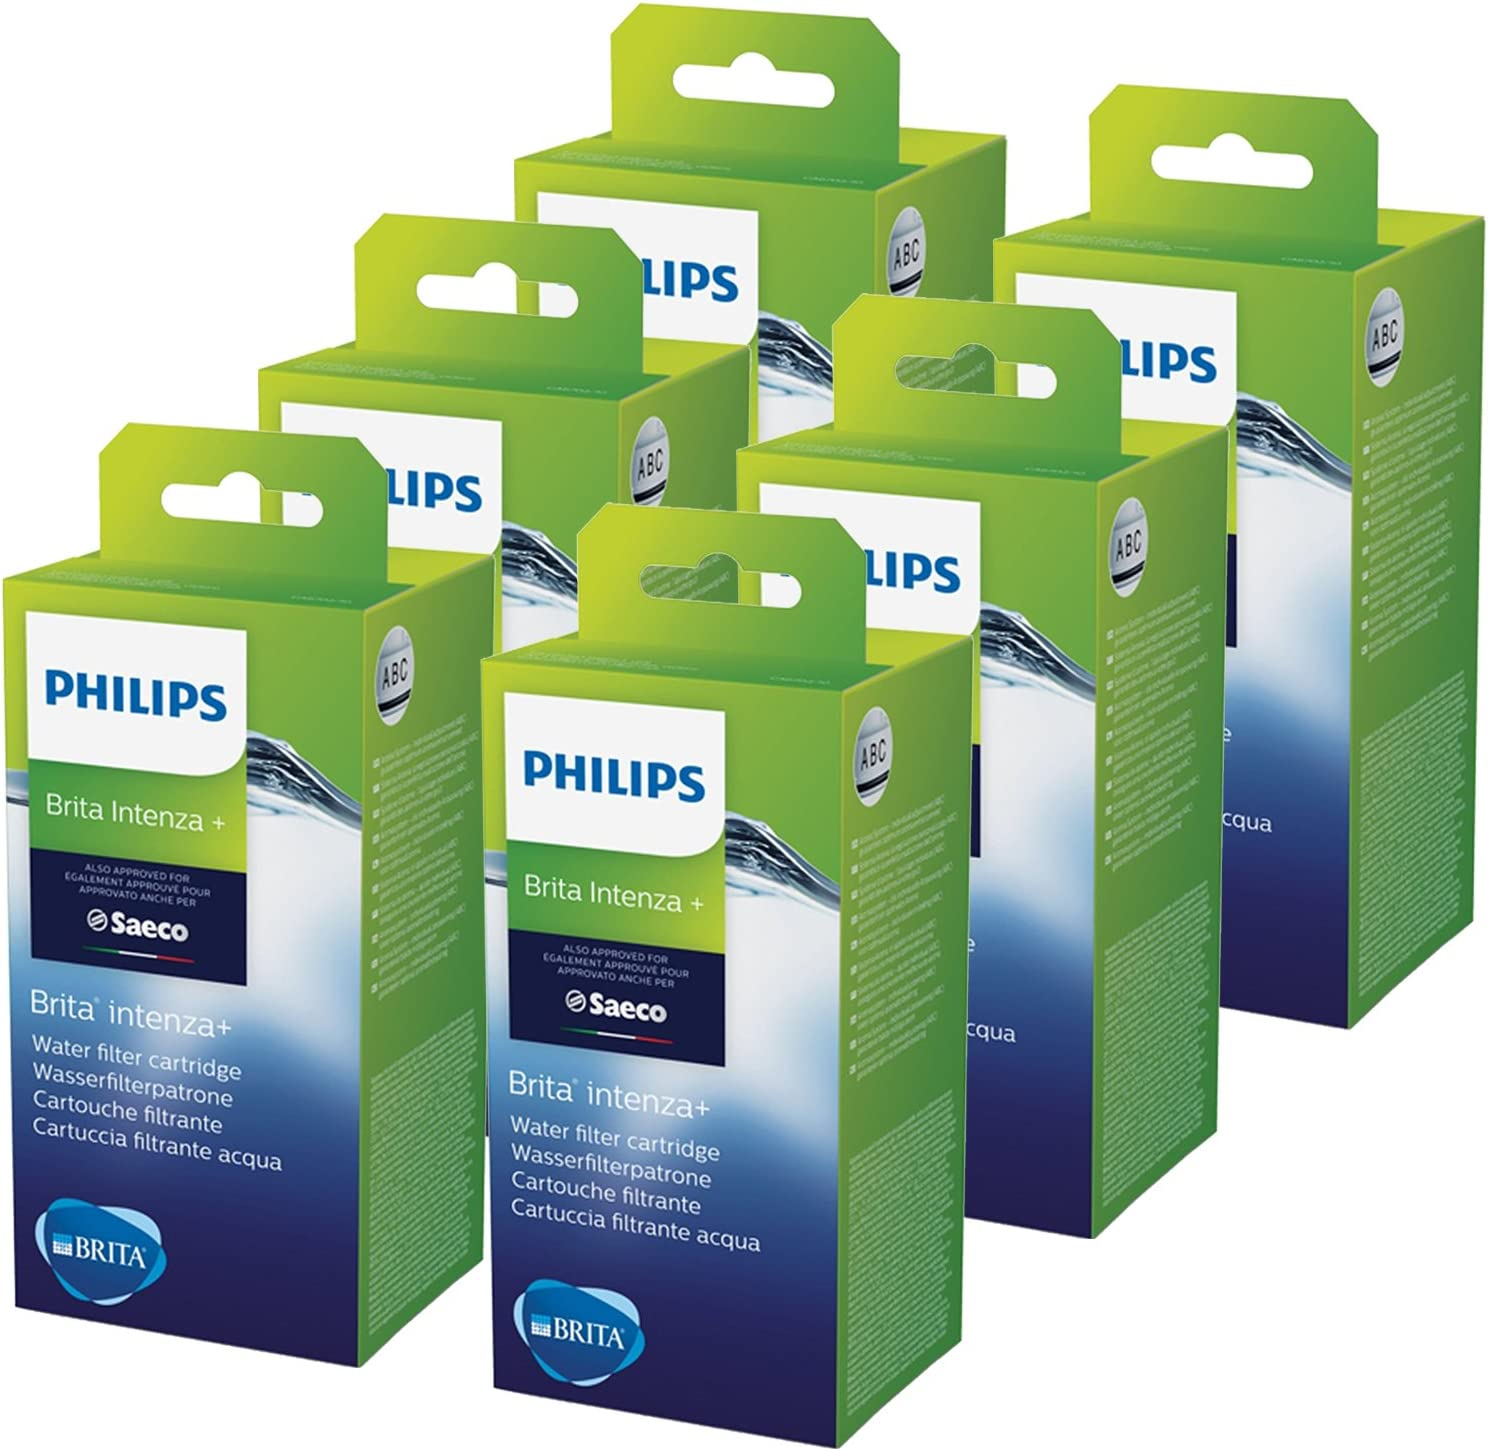 Lot de 6 Cartouche filtrante pour Technologie BRITA Water Saeco Intenza